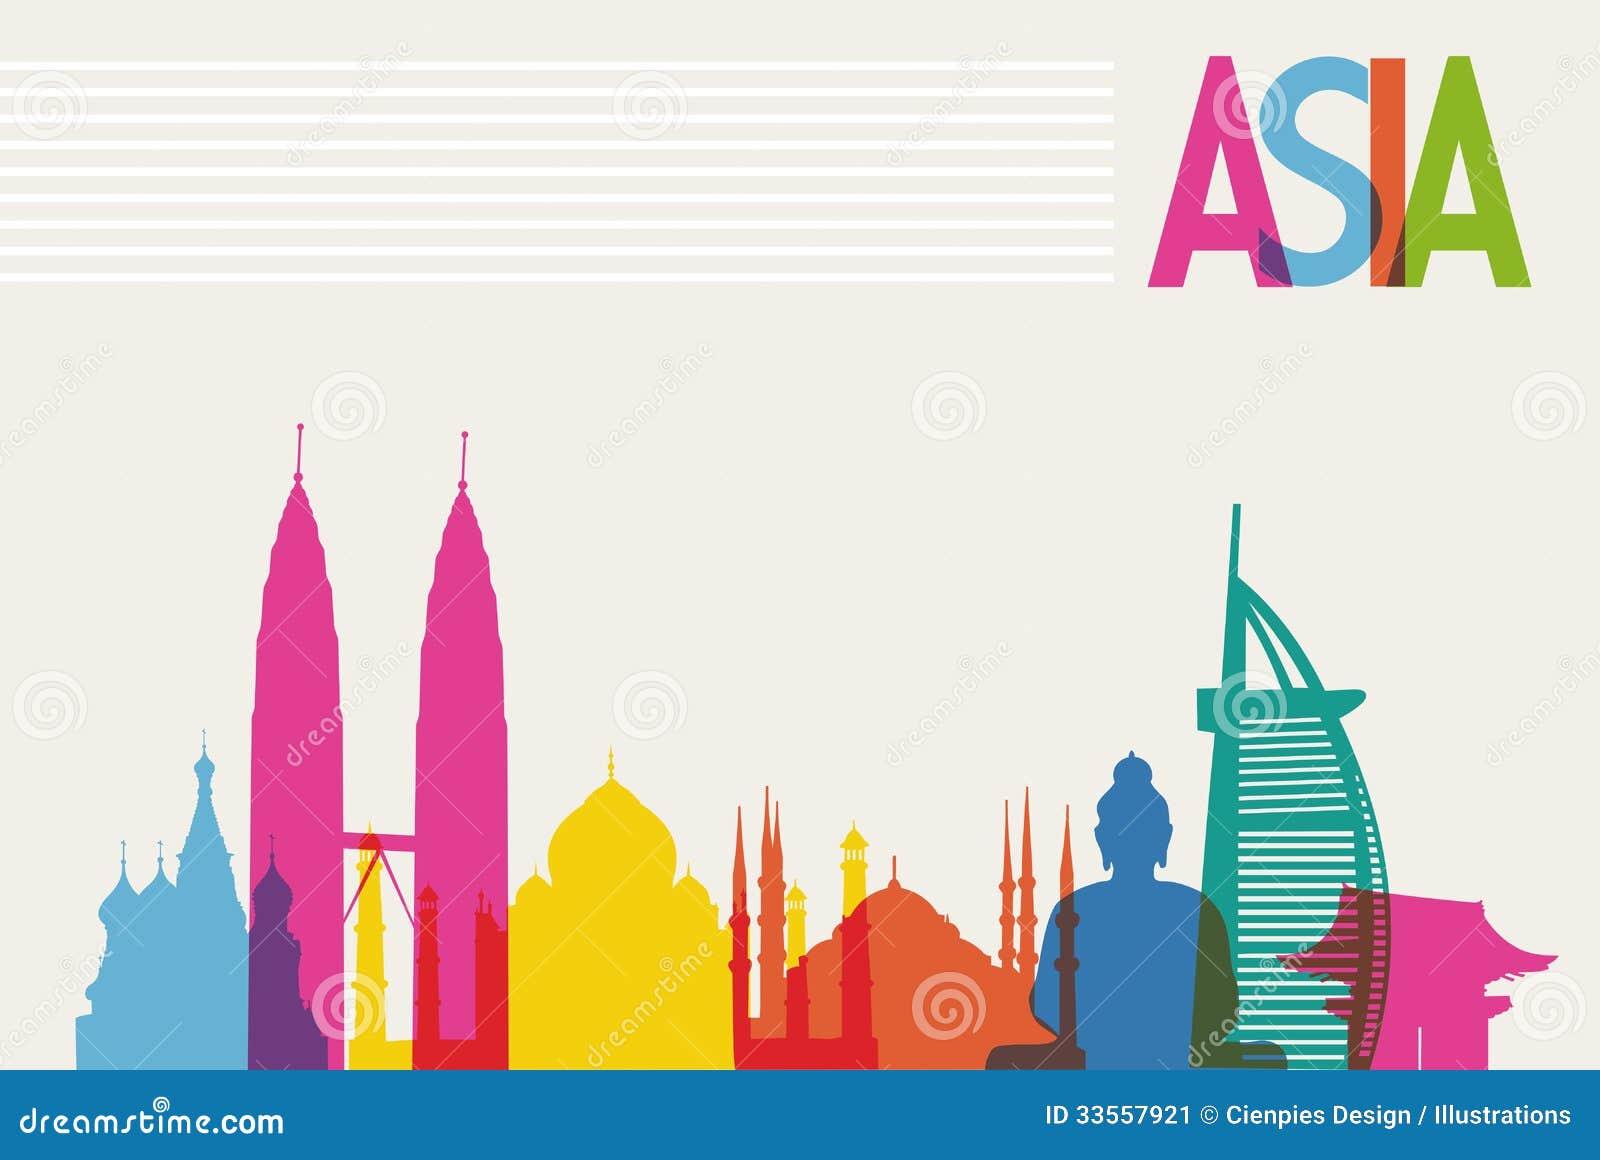 Różnorodność zabytki Azja, sławny punktu zwrotnego kolor